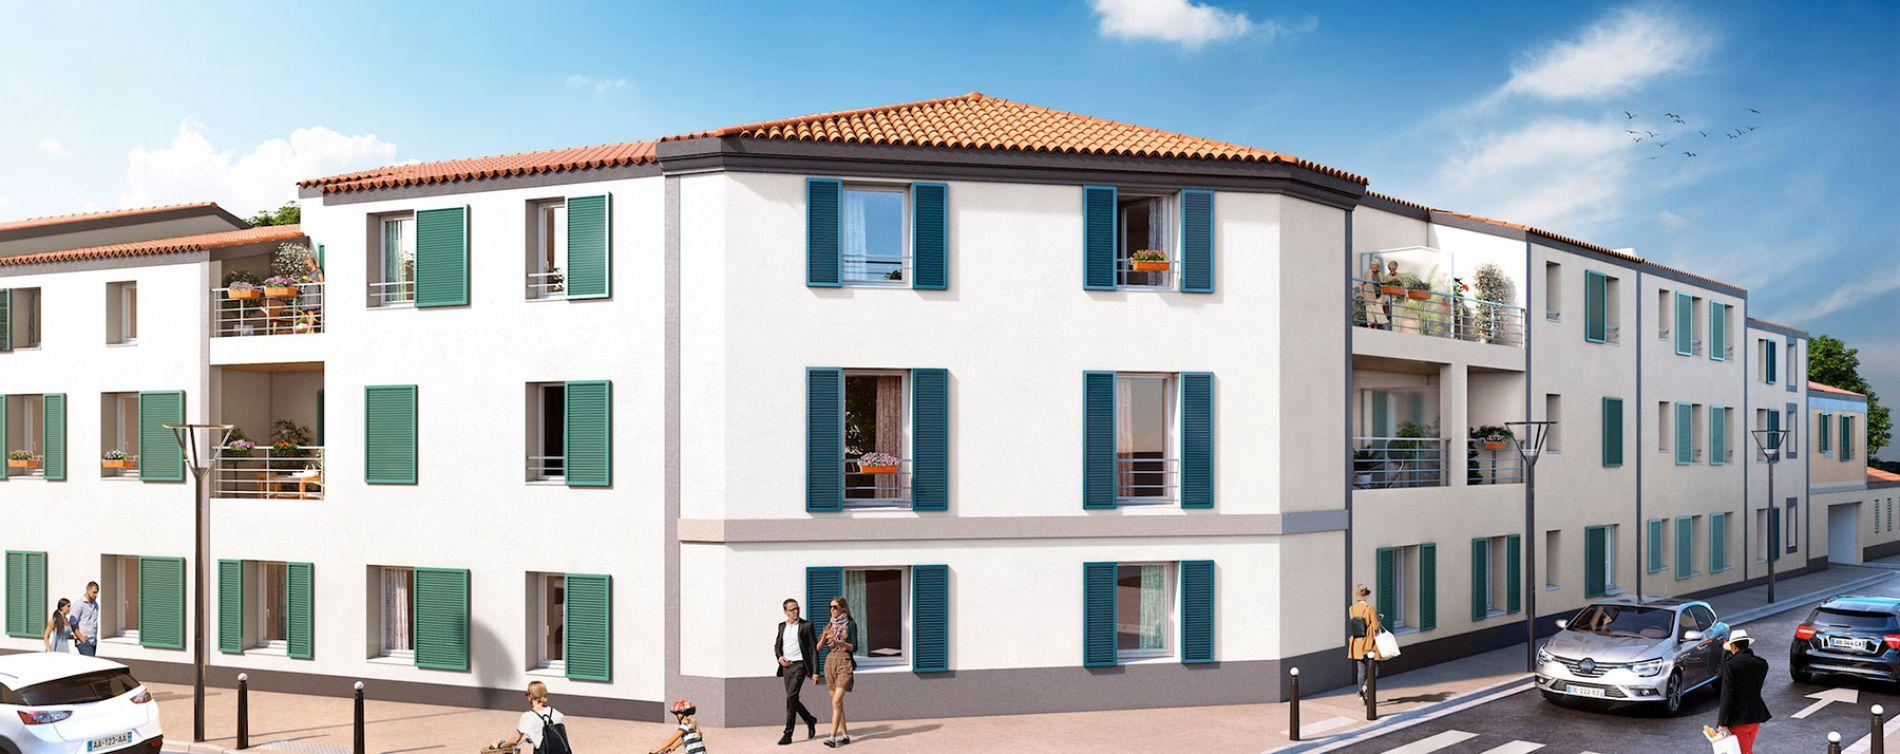 Résidence L'Alkali à Noirmoutier-en-l'Île